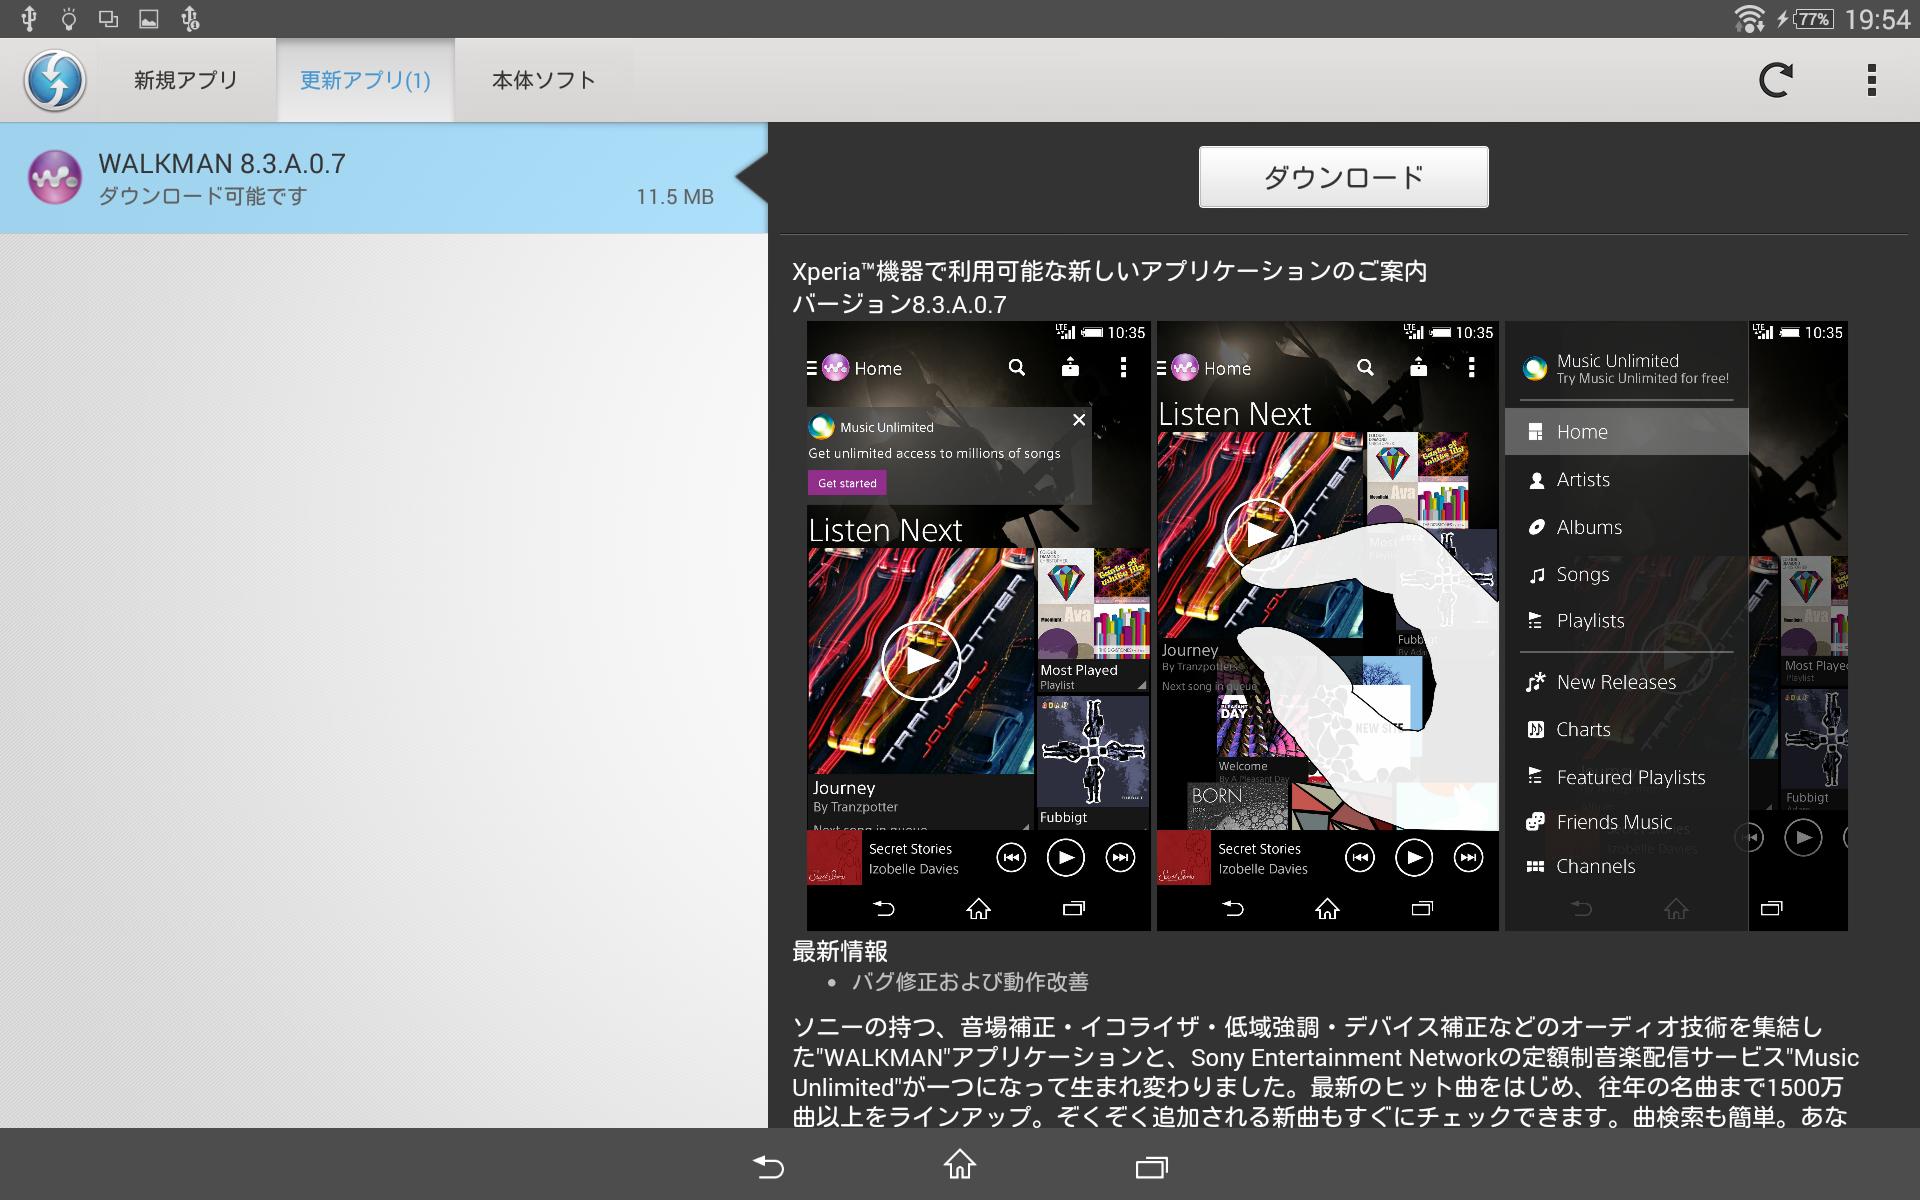 更新センター。WALKMANなど、独自のアプリはGoogle Playではなく、ここから更新する